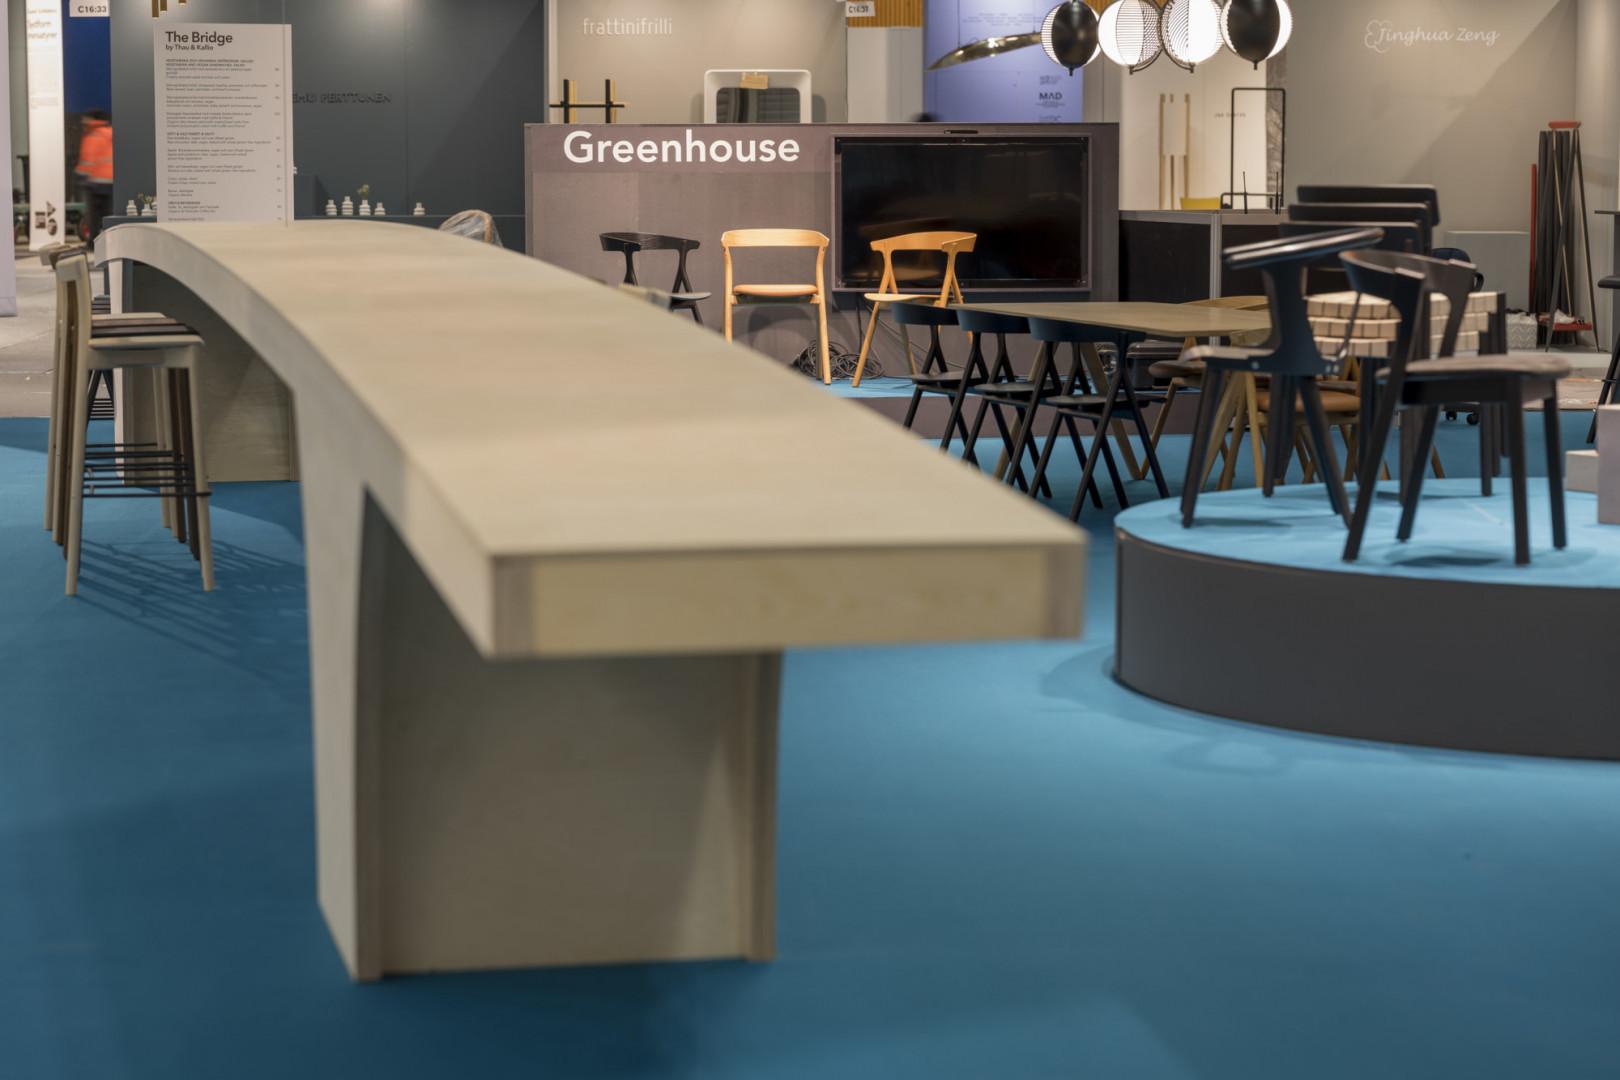 Prostota form i naturalne materiały to motywy przewodnie targów w Sztokholmie. Fot. Stockholmsmässan